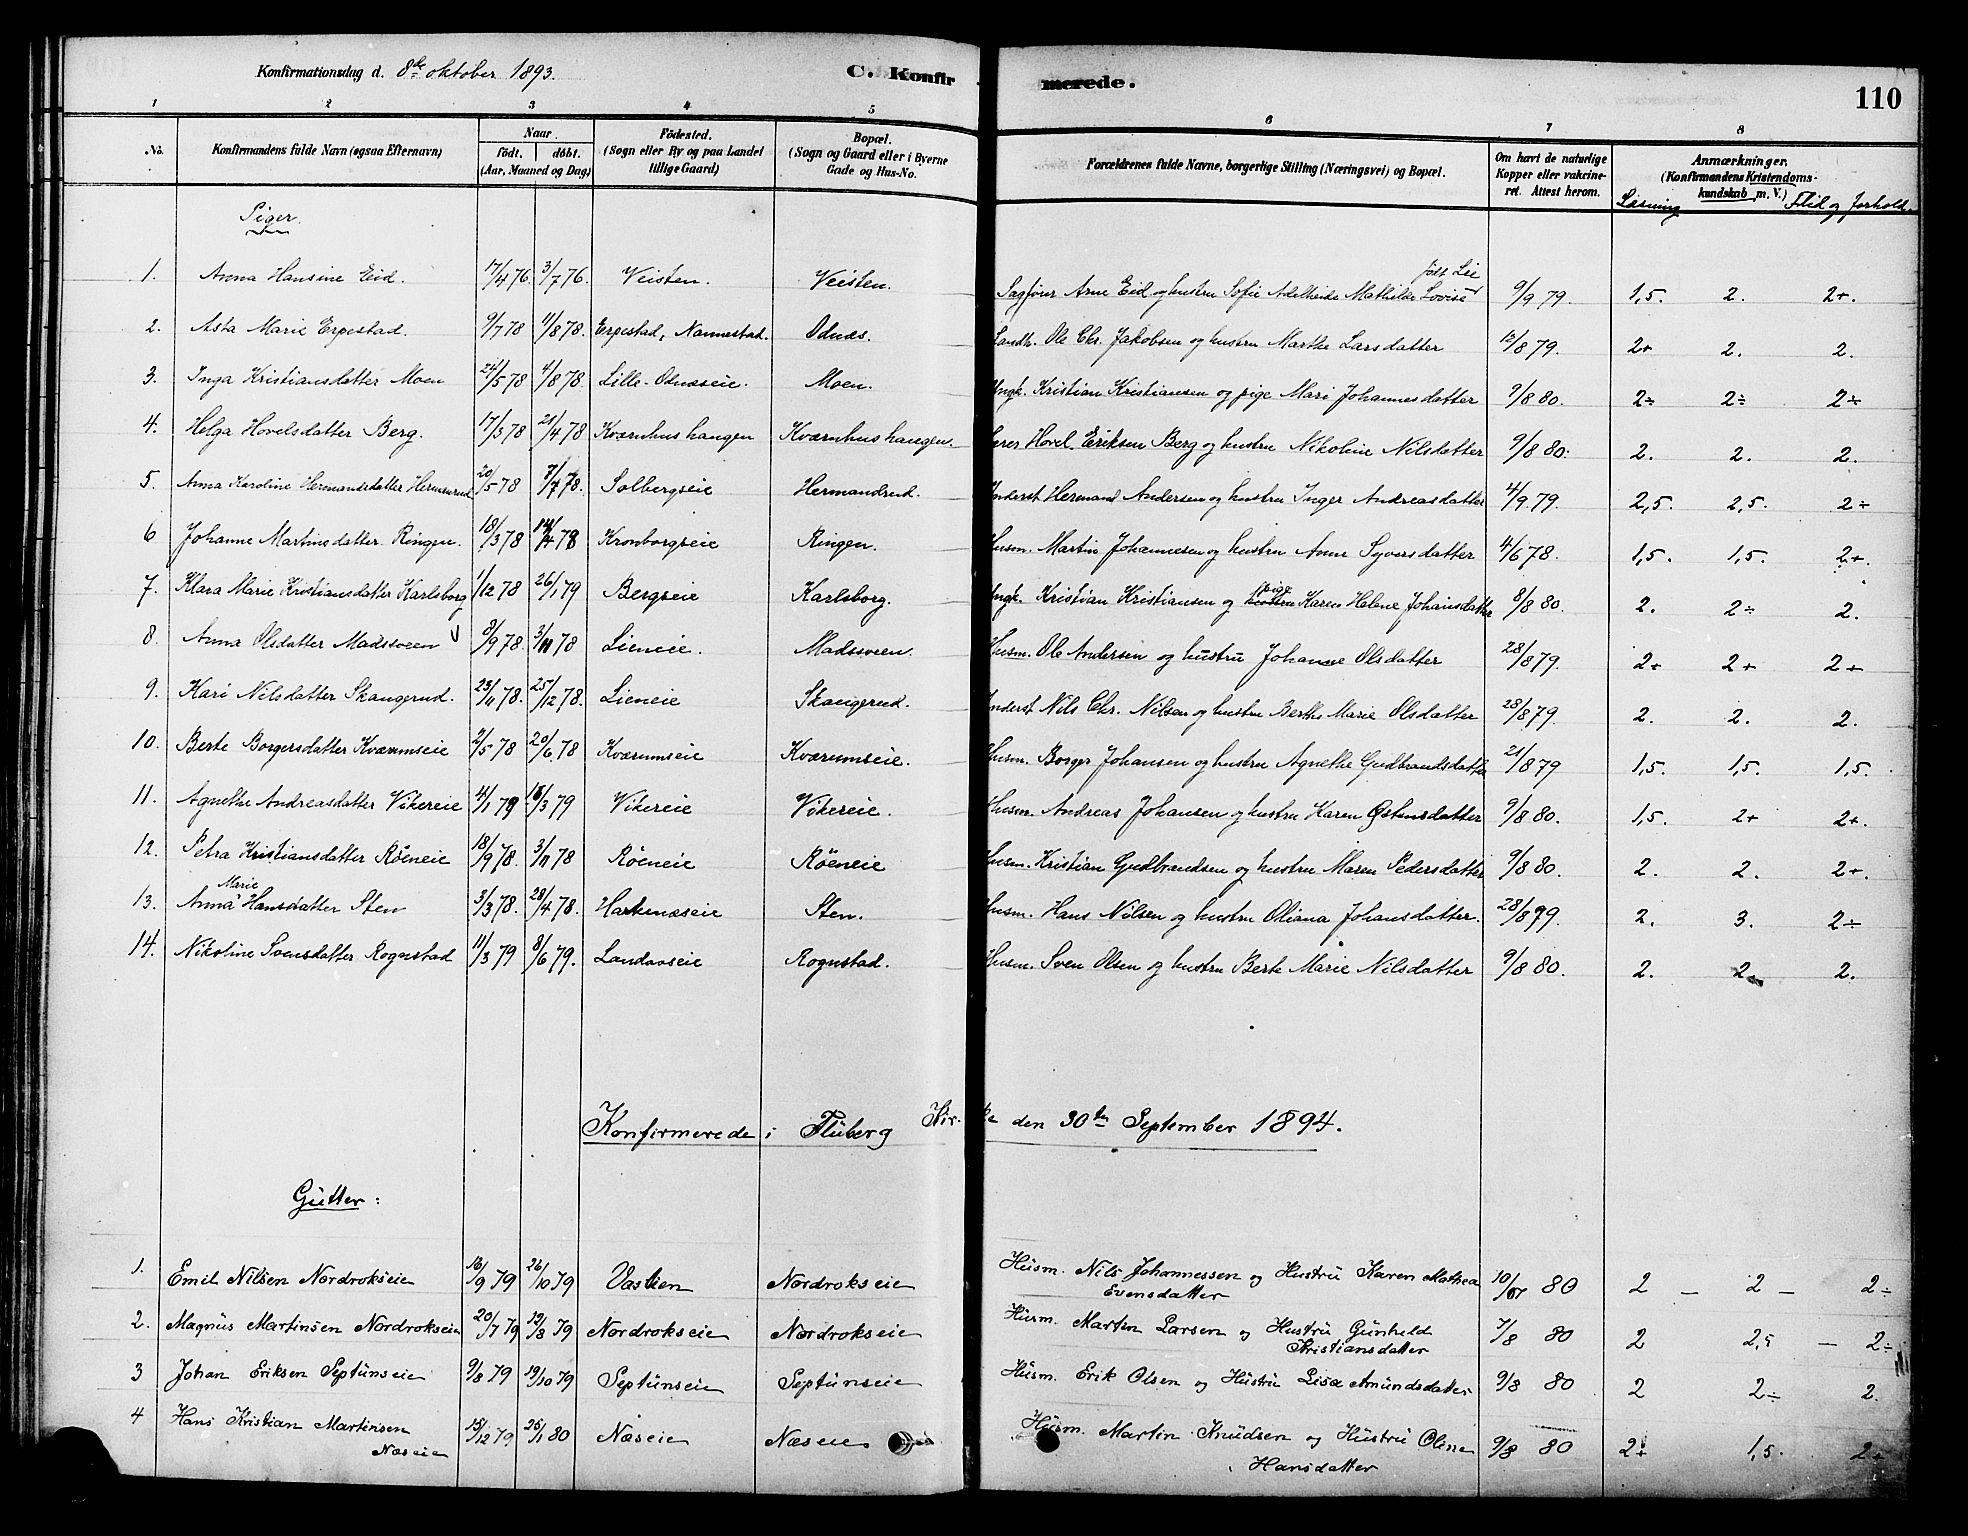 SAH, Søndre Land prestekontor, K/L0002: Ministerialbok nr. 2, 1878-1894, s. 110